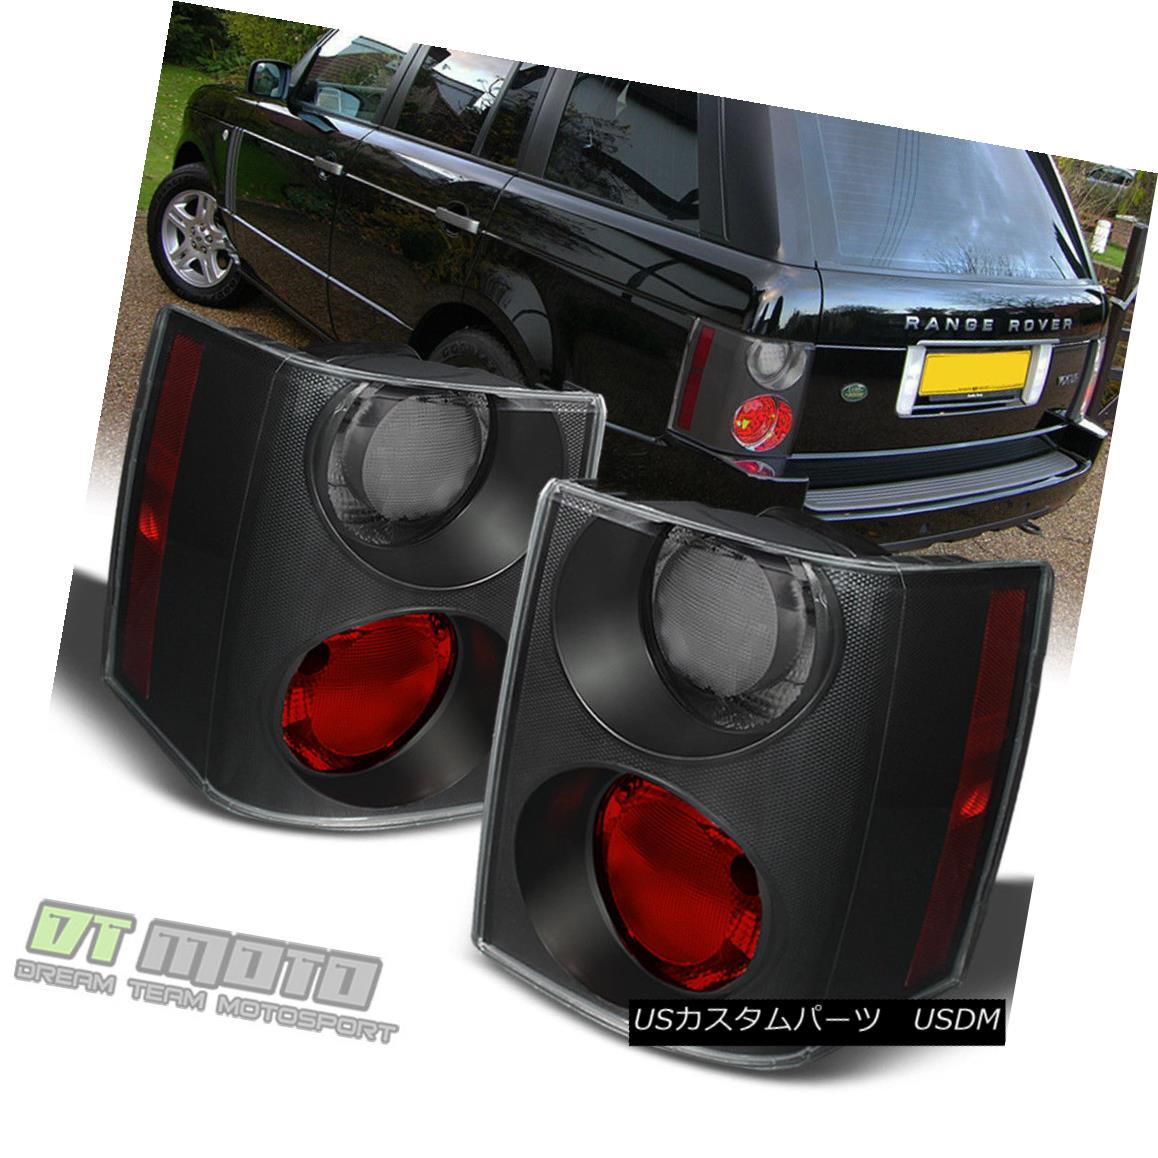 テールライト 2006-2009 Land Rover Range Rover HSE Red Smoke LED Tail Lights Brake Lamps Set 2006 - 2009年ランドローバーレンジローバーHSEレッドスモークLEDテールライトブレーキランプセット